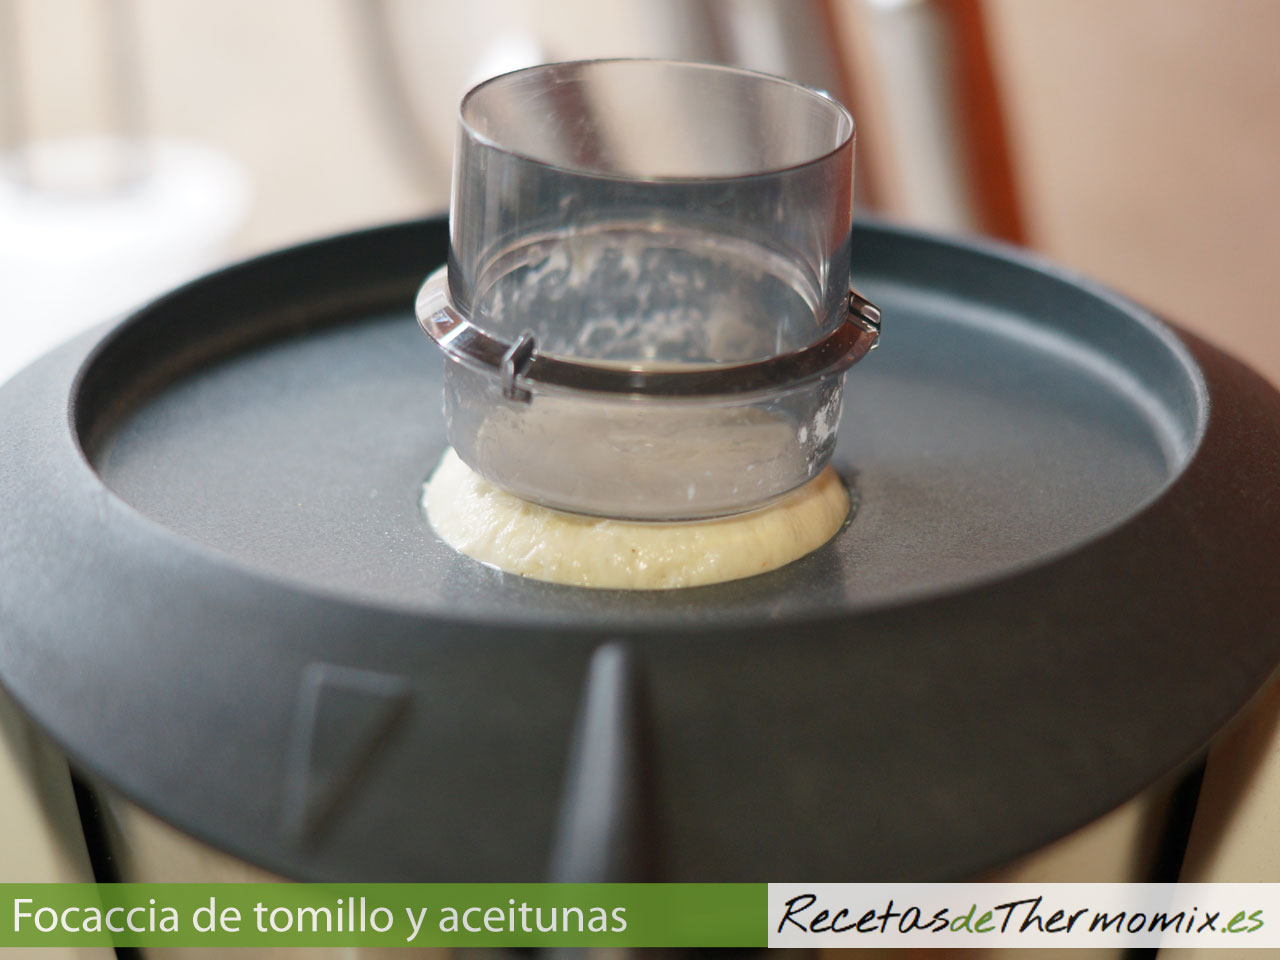 Masa de Focaccia de tomillo y aceitunas con Thermomix